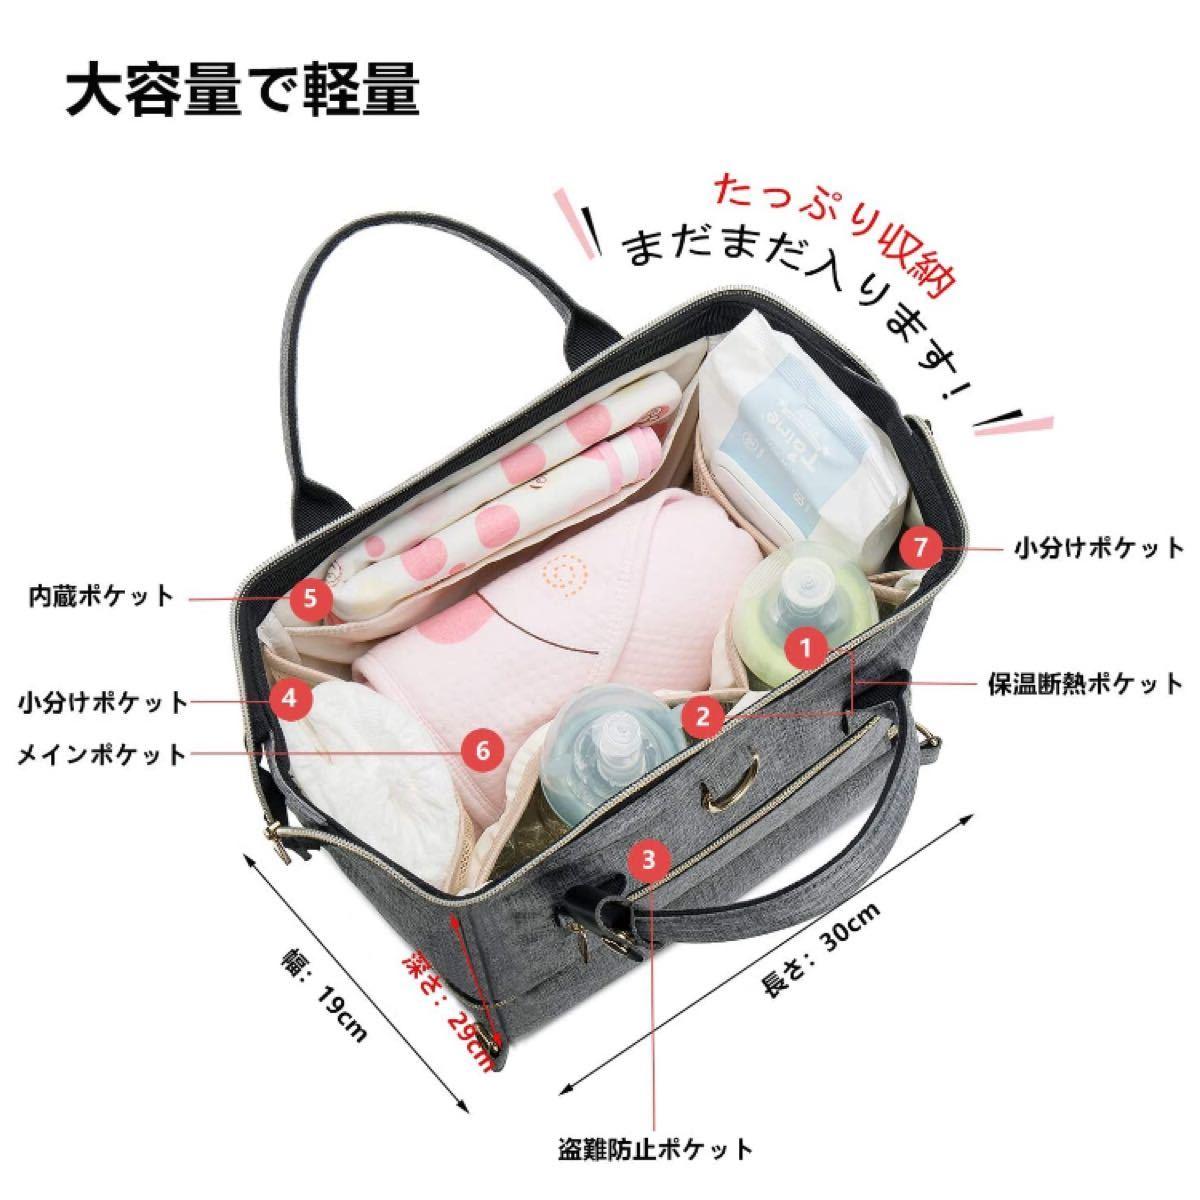 マザーズバッグ ランチバッグ USB充電ポート&保温ポケット付き グレー